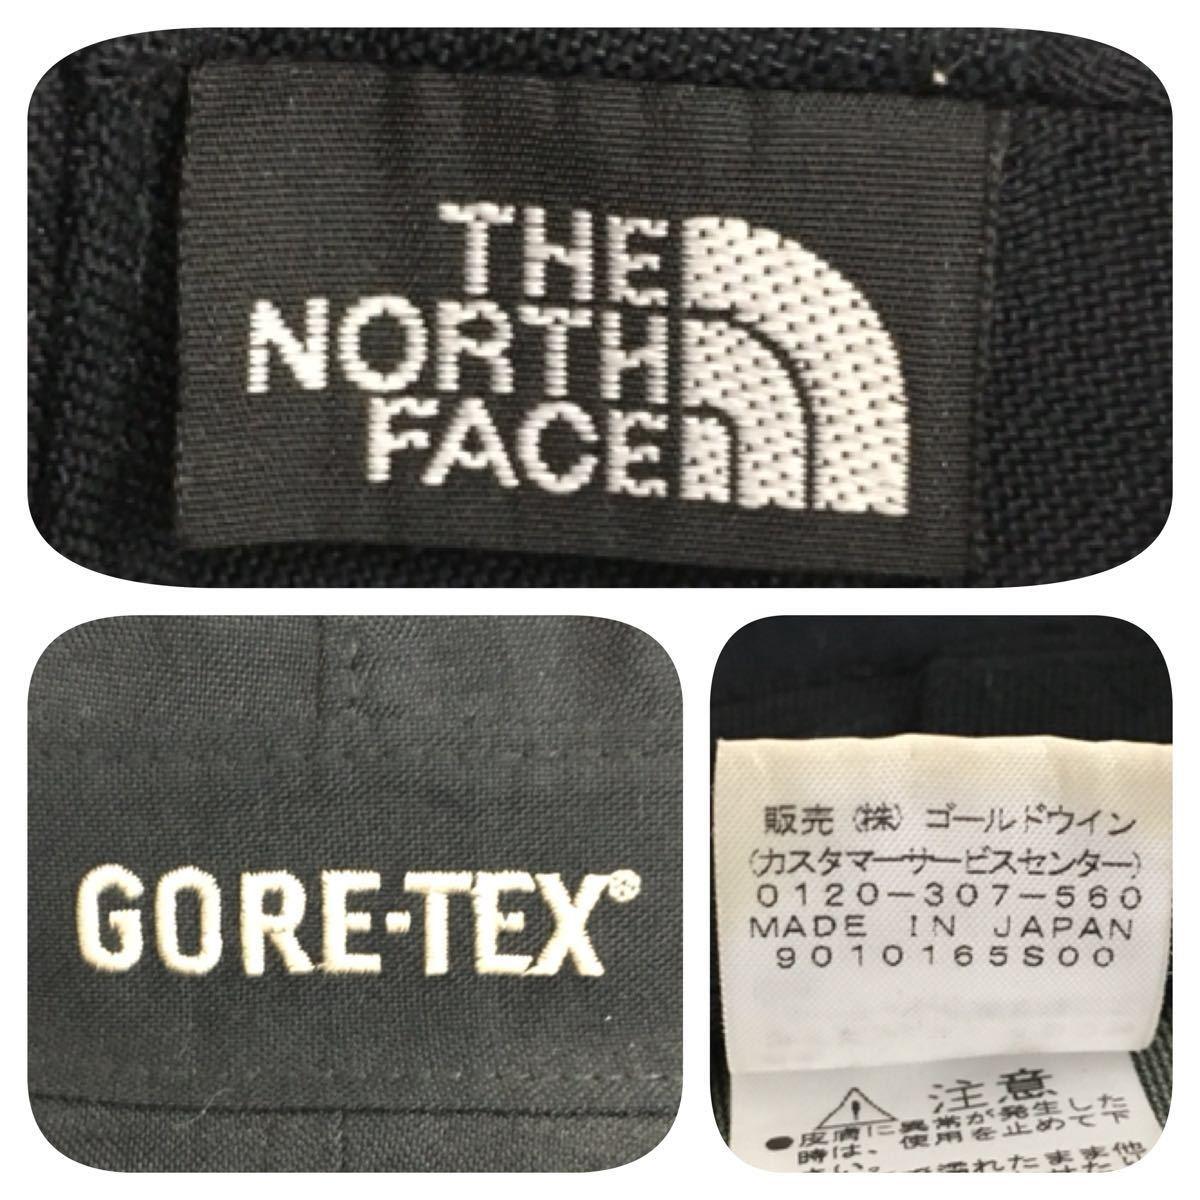 《THE NORTH FACE ノースフェイス》GORE-TEX ゴアテックス ハット ナイロン アウトドア NN80800 ブラック S_画像8